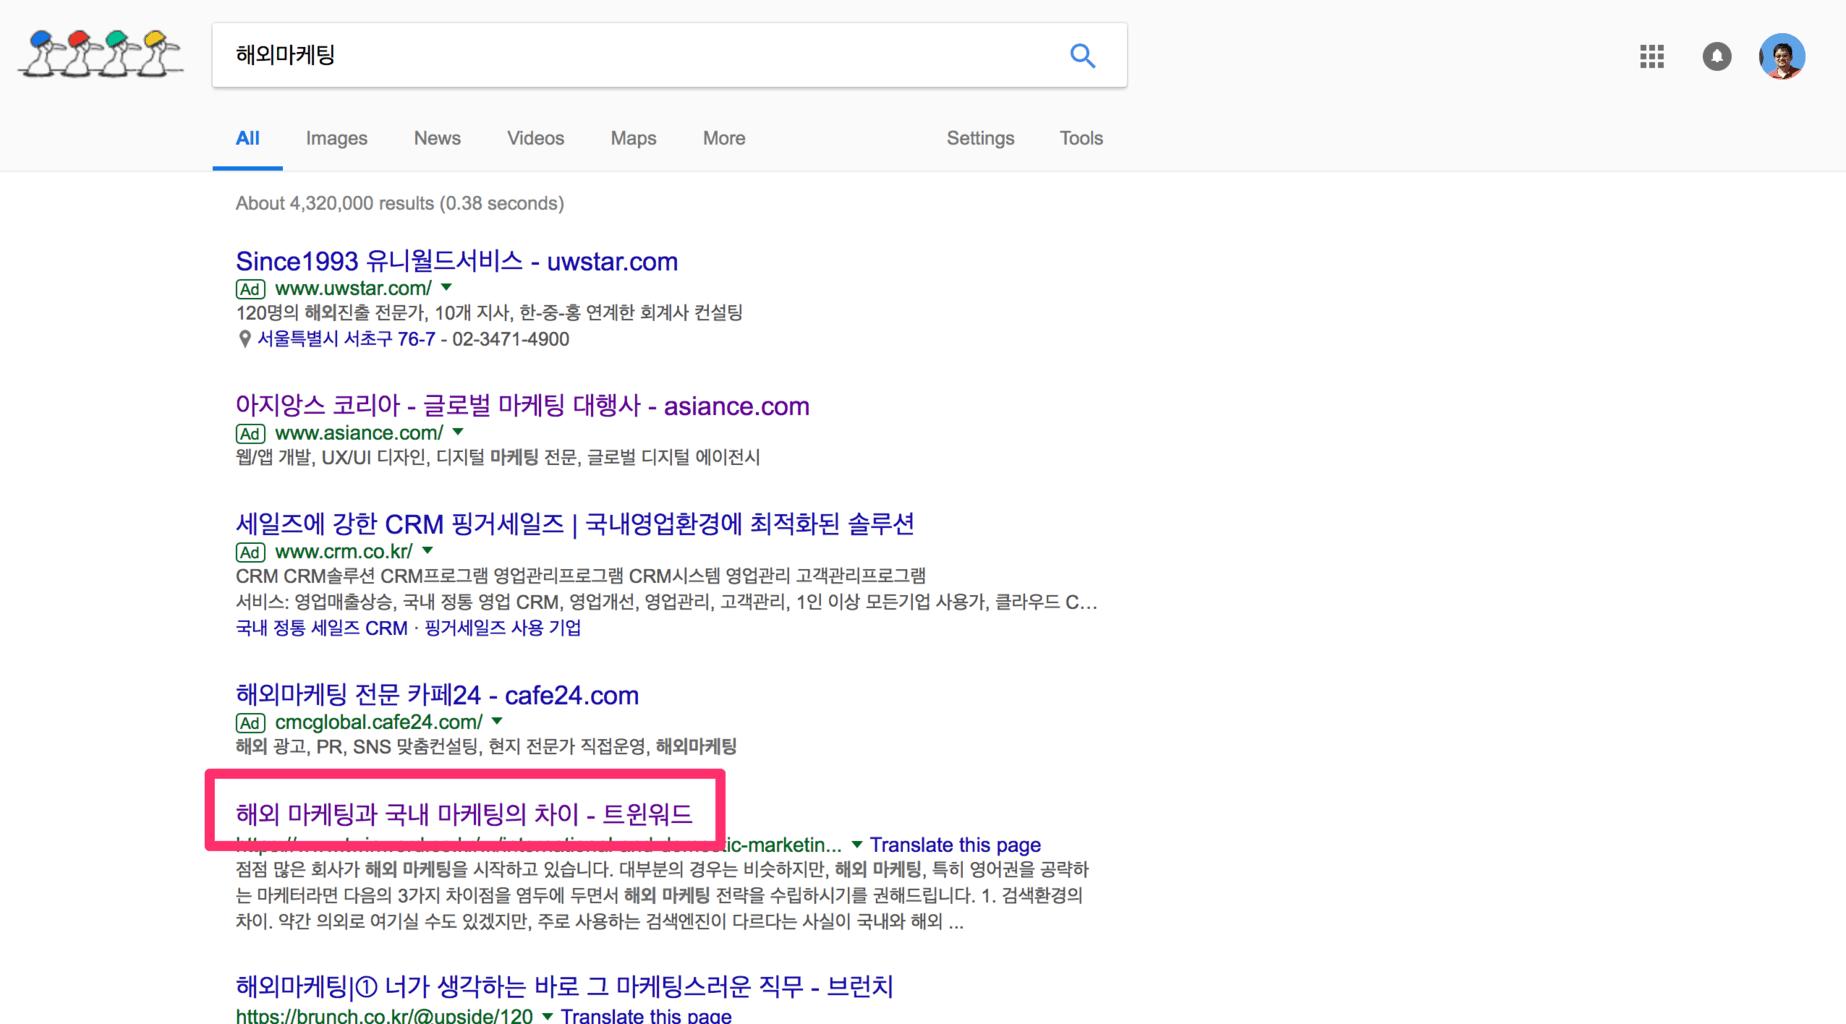 검색결과 페이지 - 페이지 타이틀